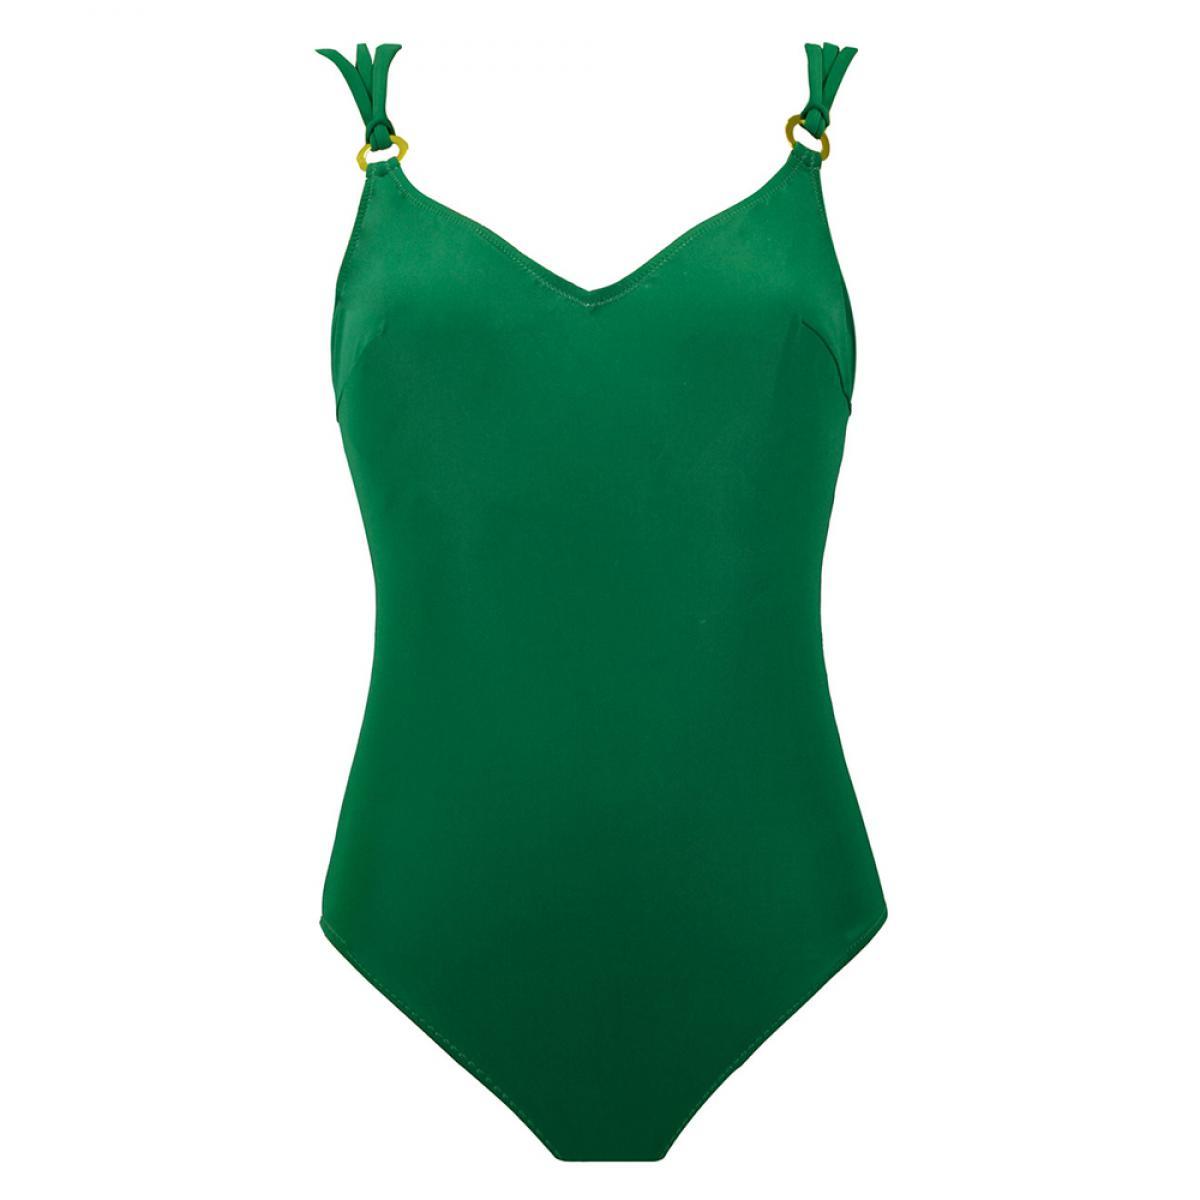 b41cd2fd43 Maillot de bain une pièce lissant vert Miradonna by Miraclesuit ...